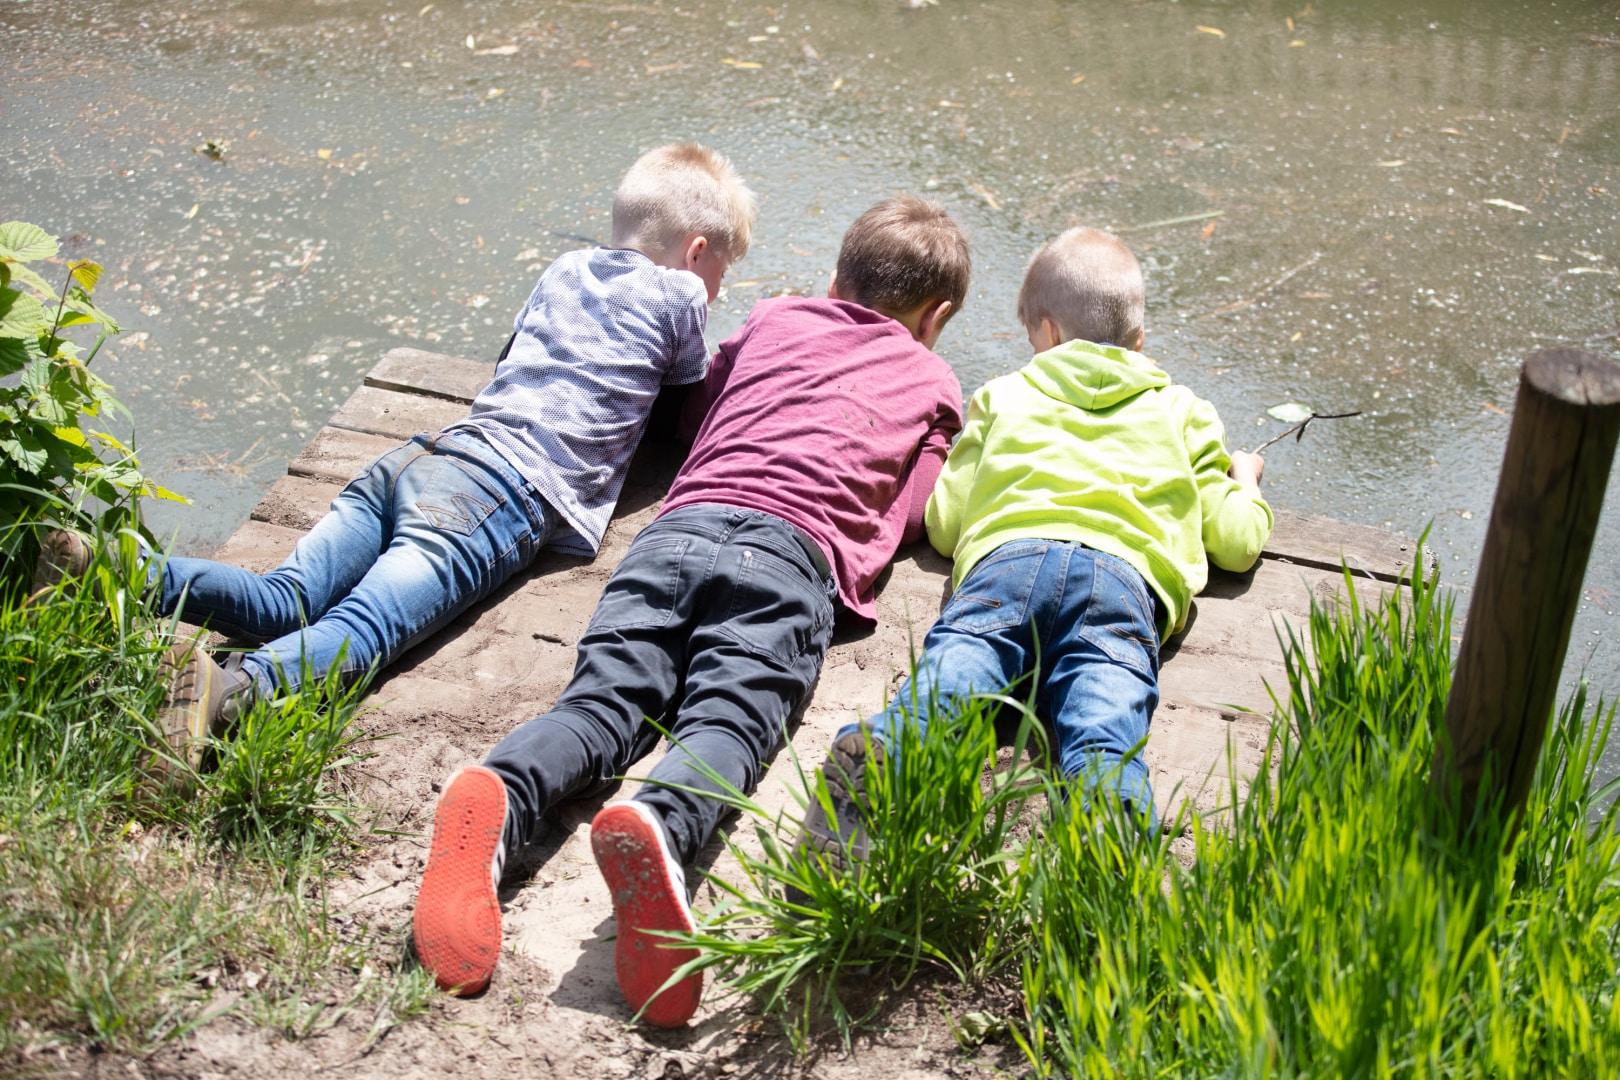 Familotel Gut Landegge Familienurlaub im Emsland Alles für Kids und Teens Teenager